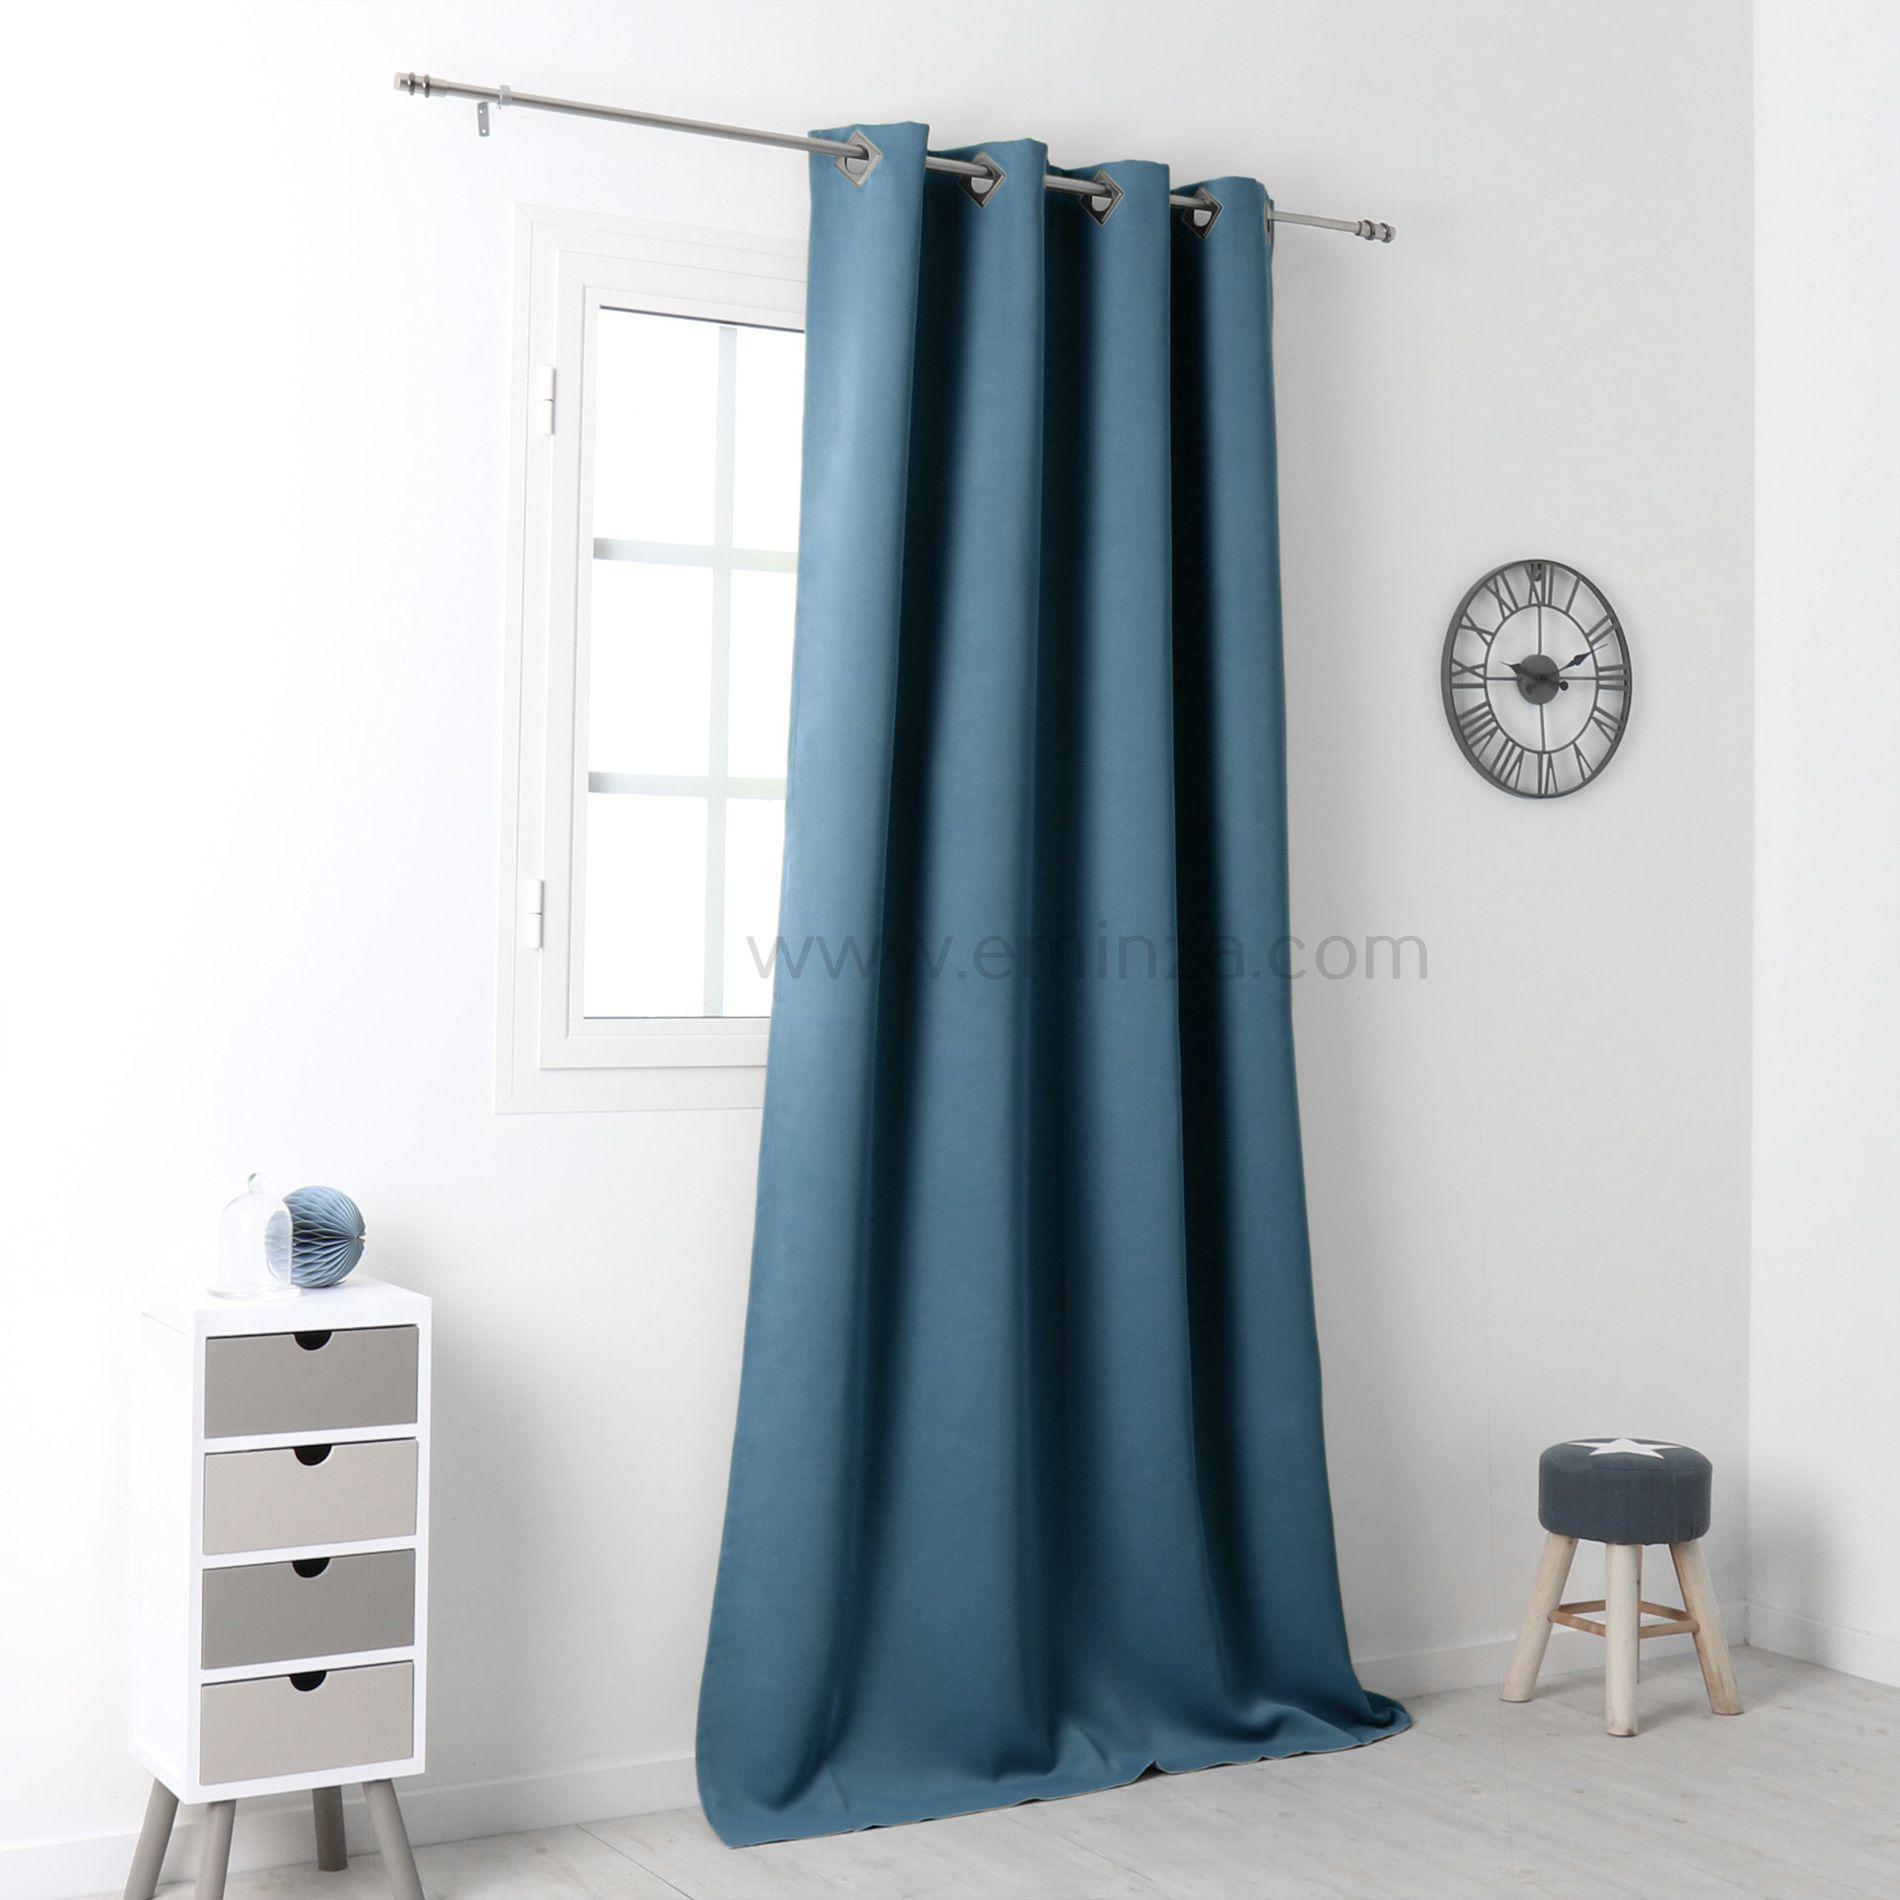 rideau occultant 140 x 250 cm drake bleu rideau occultant eminza. Black Bedroom Furniture Sets. Home Design Ideas